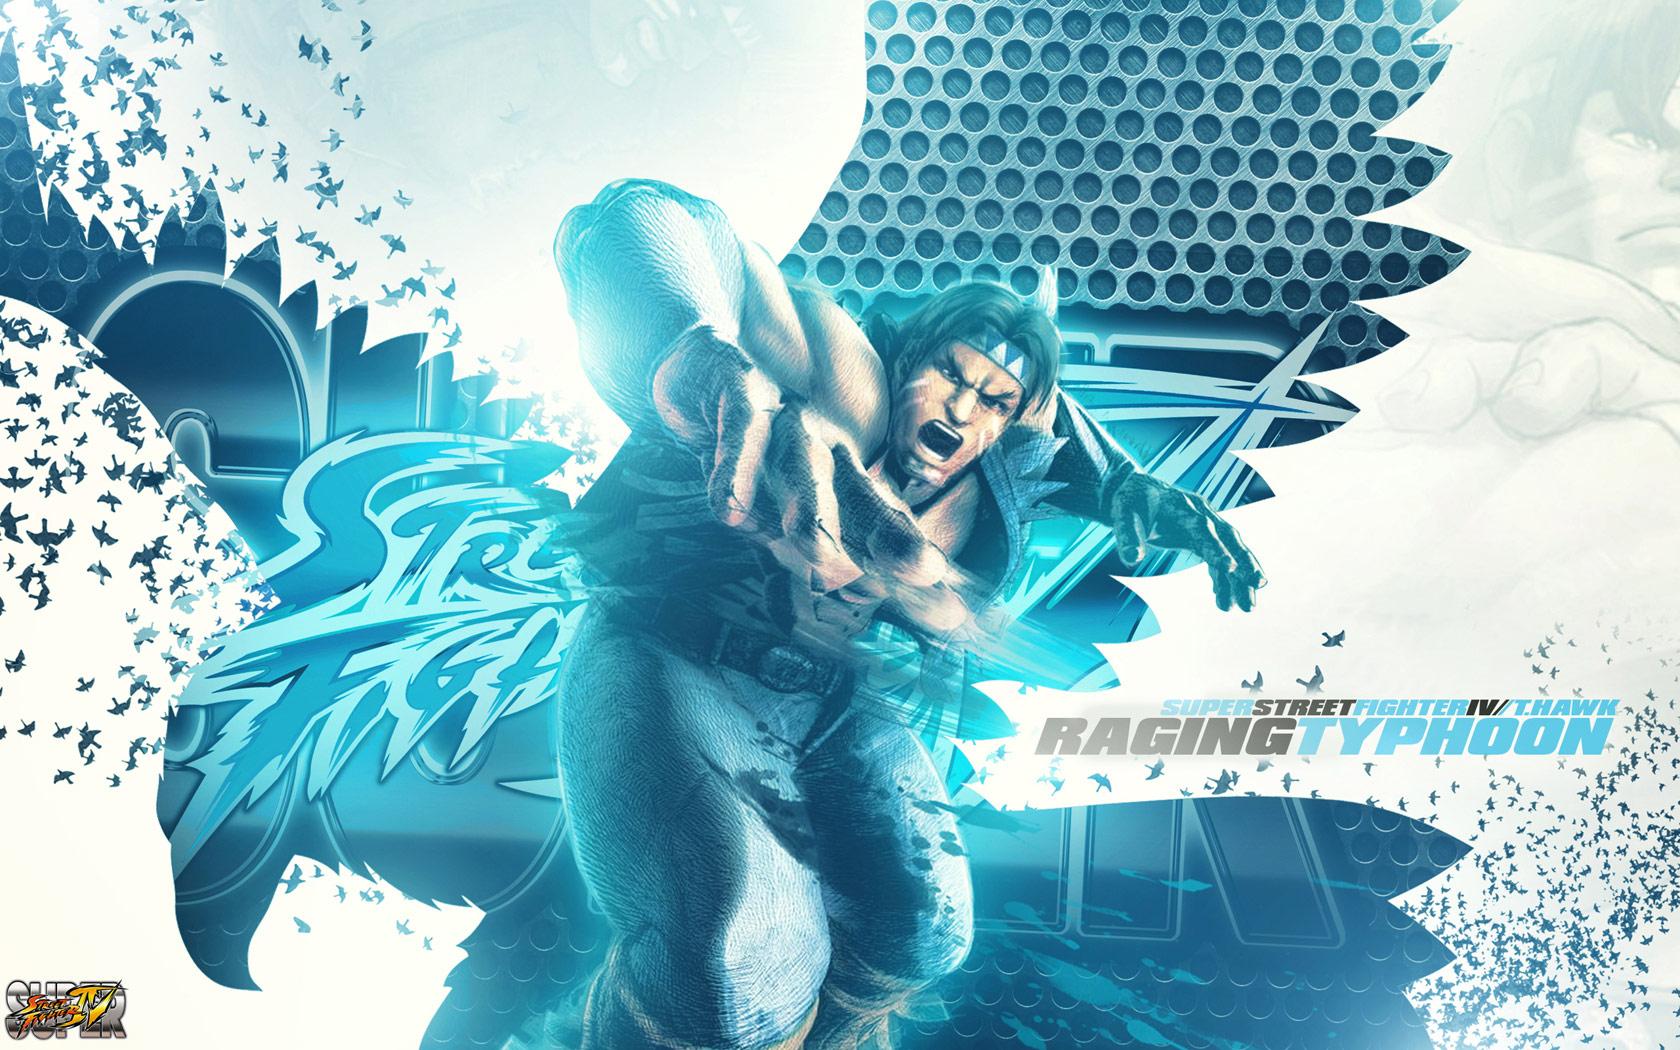 T. Hawk Super Street Fighter 4 wallpaper by BossLogic